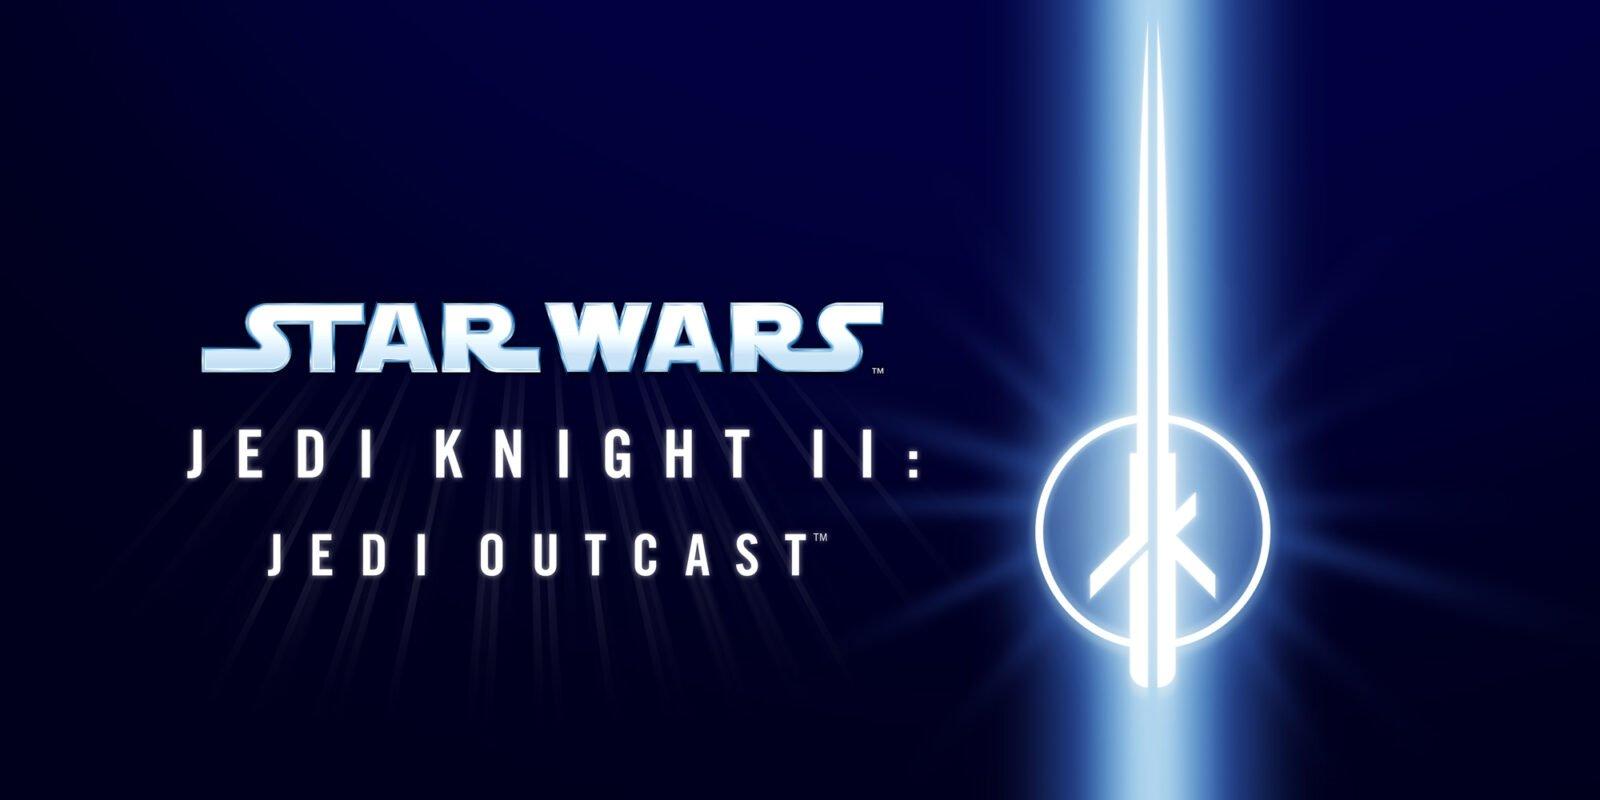 [Promoção] Jogos de Star Wars entram em promoção de curtíssima duração